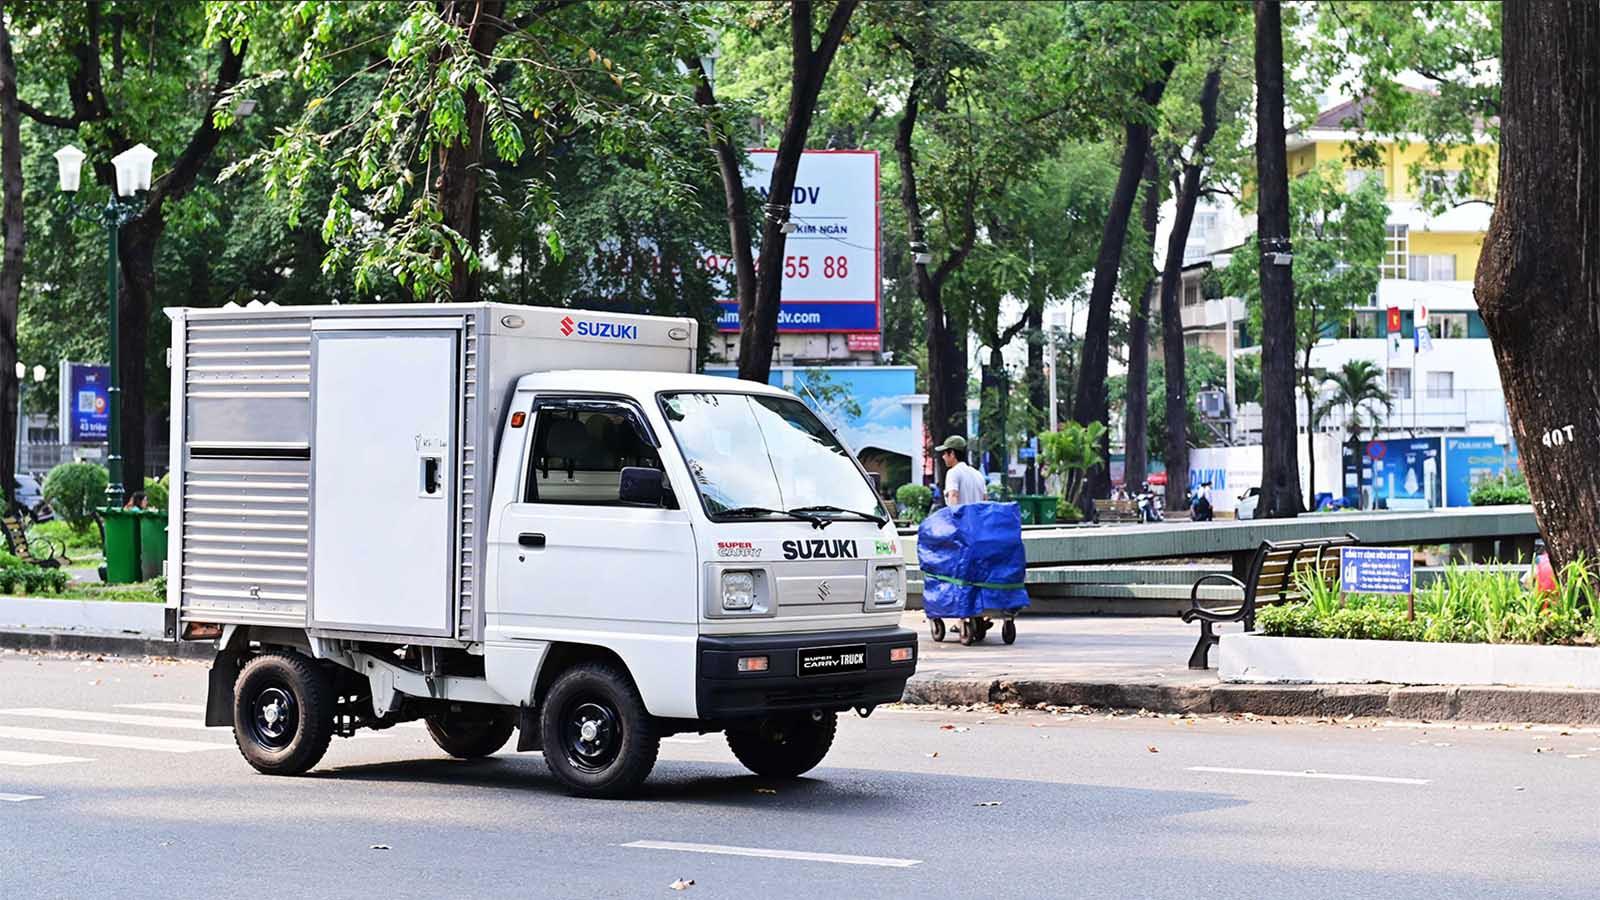 Suzuki Carry Truck Truck - mẫu tải nhẹ lý tưởng với mức tiết kiệm nhiên liệu chỉ 6L/100km